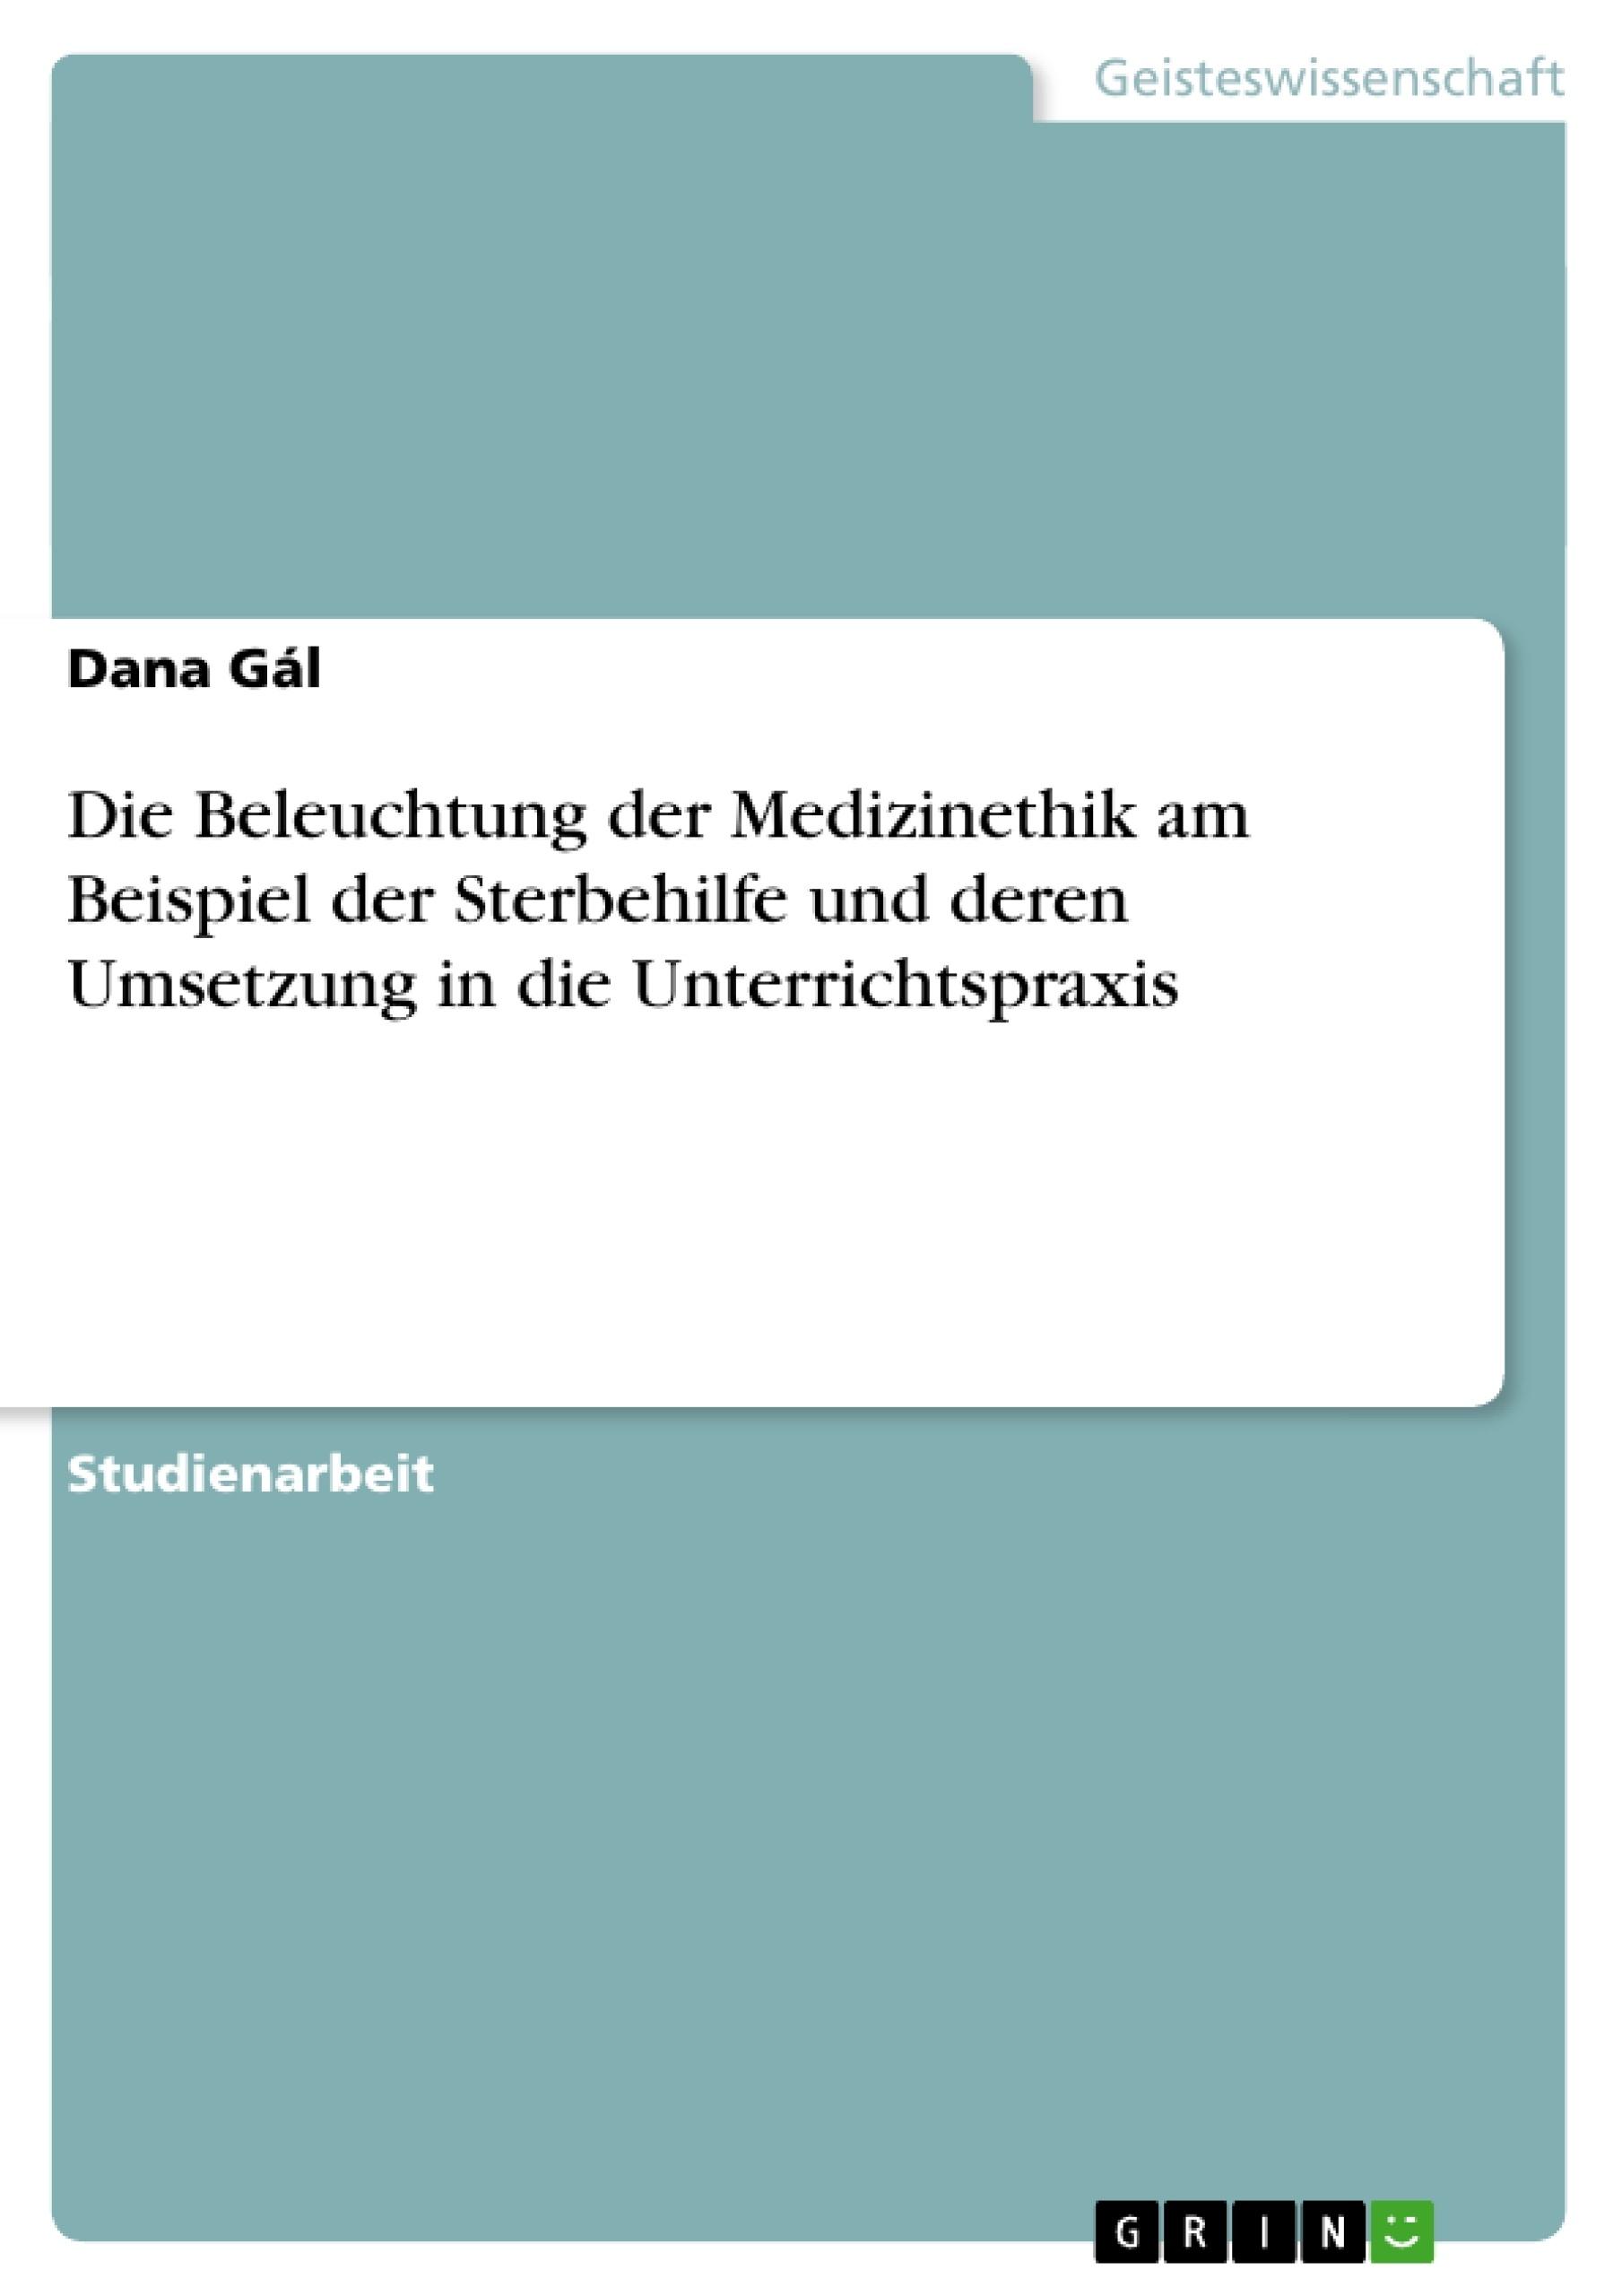 Titel: Die Beleuchtung der Medizinethik am Beispiel der Sterbehilfe und deren Umsetzung in die Unterrichtspraxis